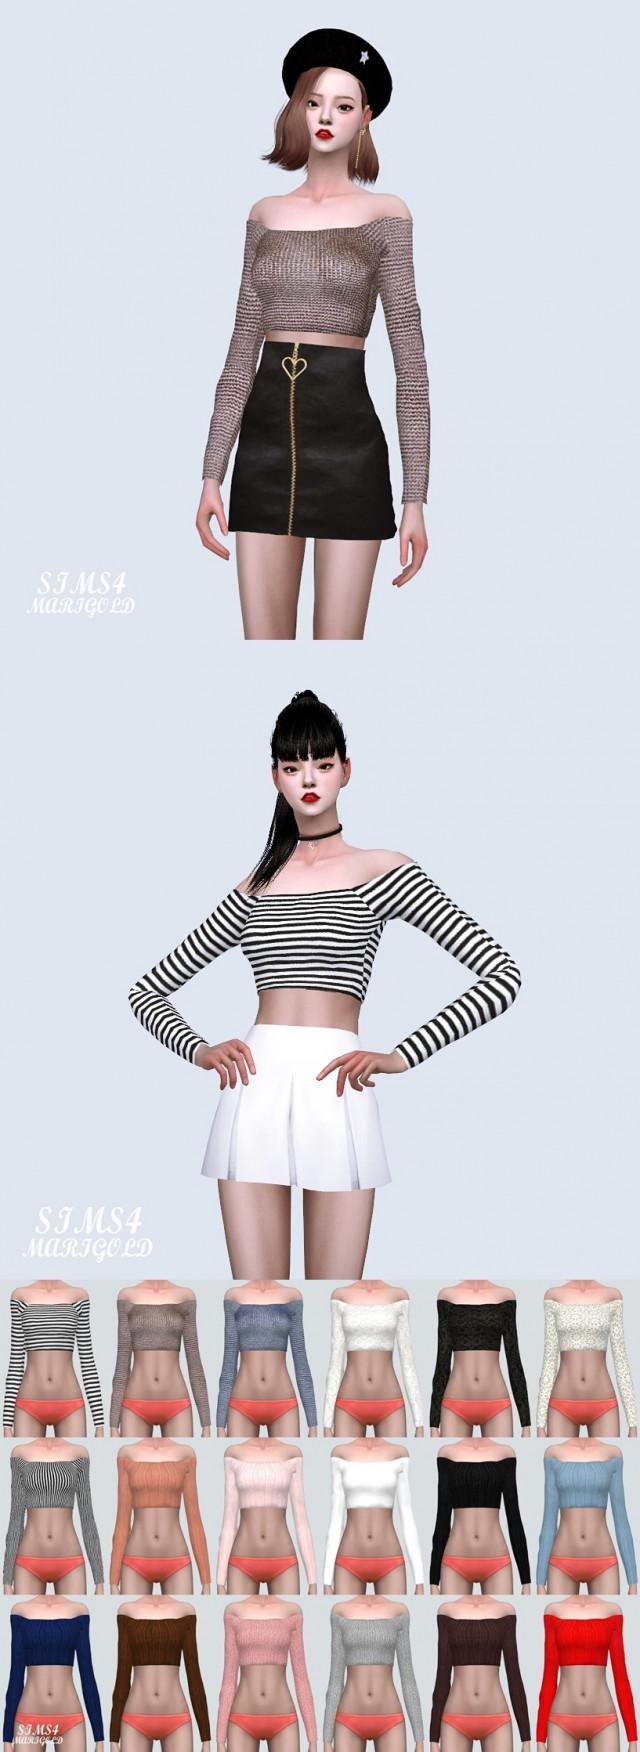 Женская повседневная одежда 5c251f291d4c6901b2e215e7617df74c